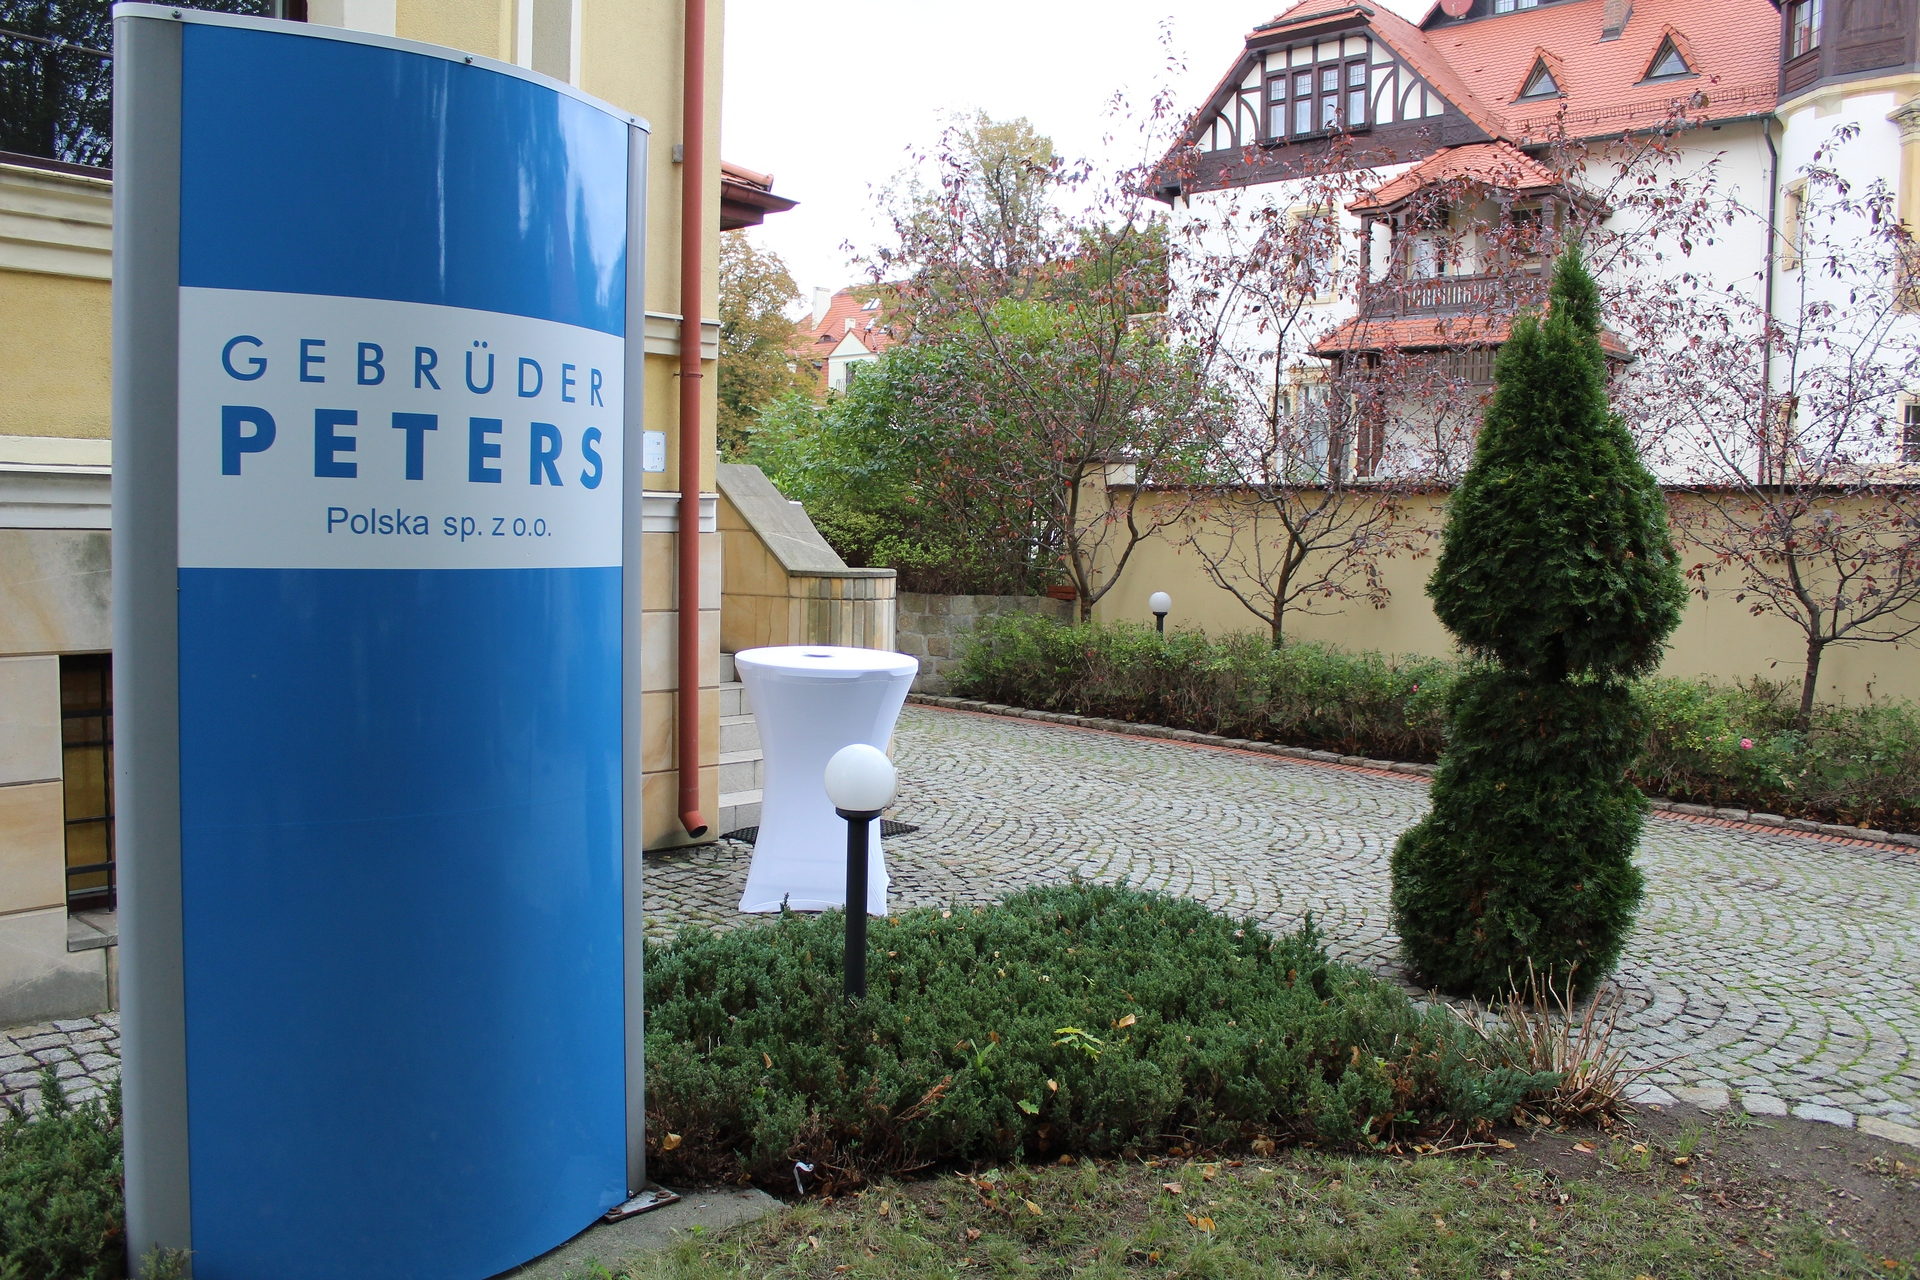 GEBRÜDER PETERS ma swoje miejsce w Legnicy